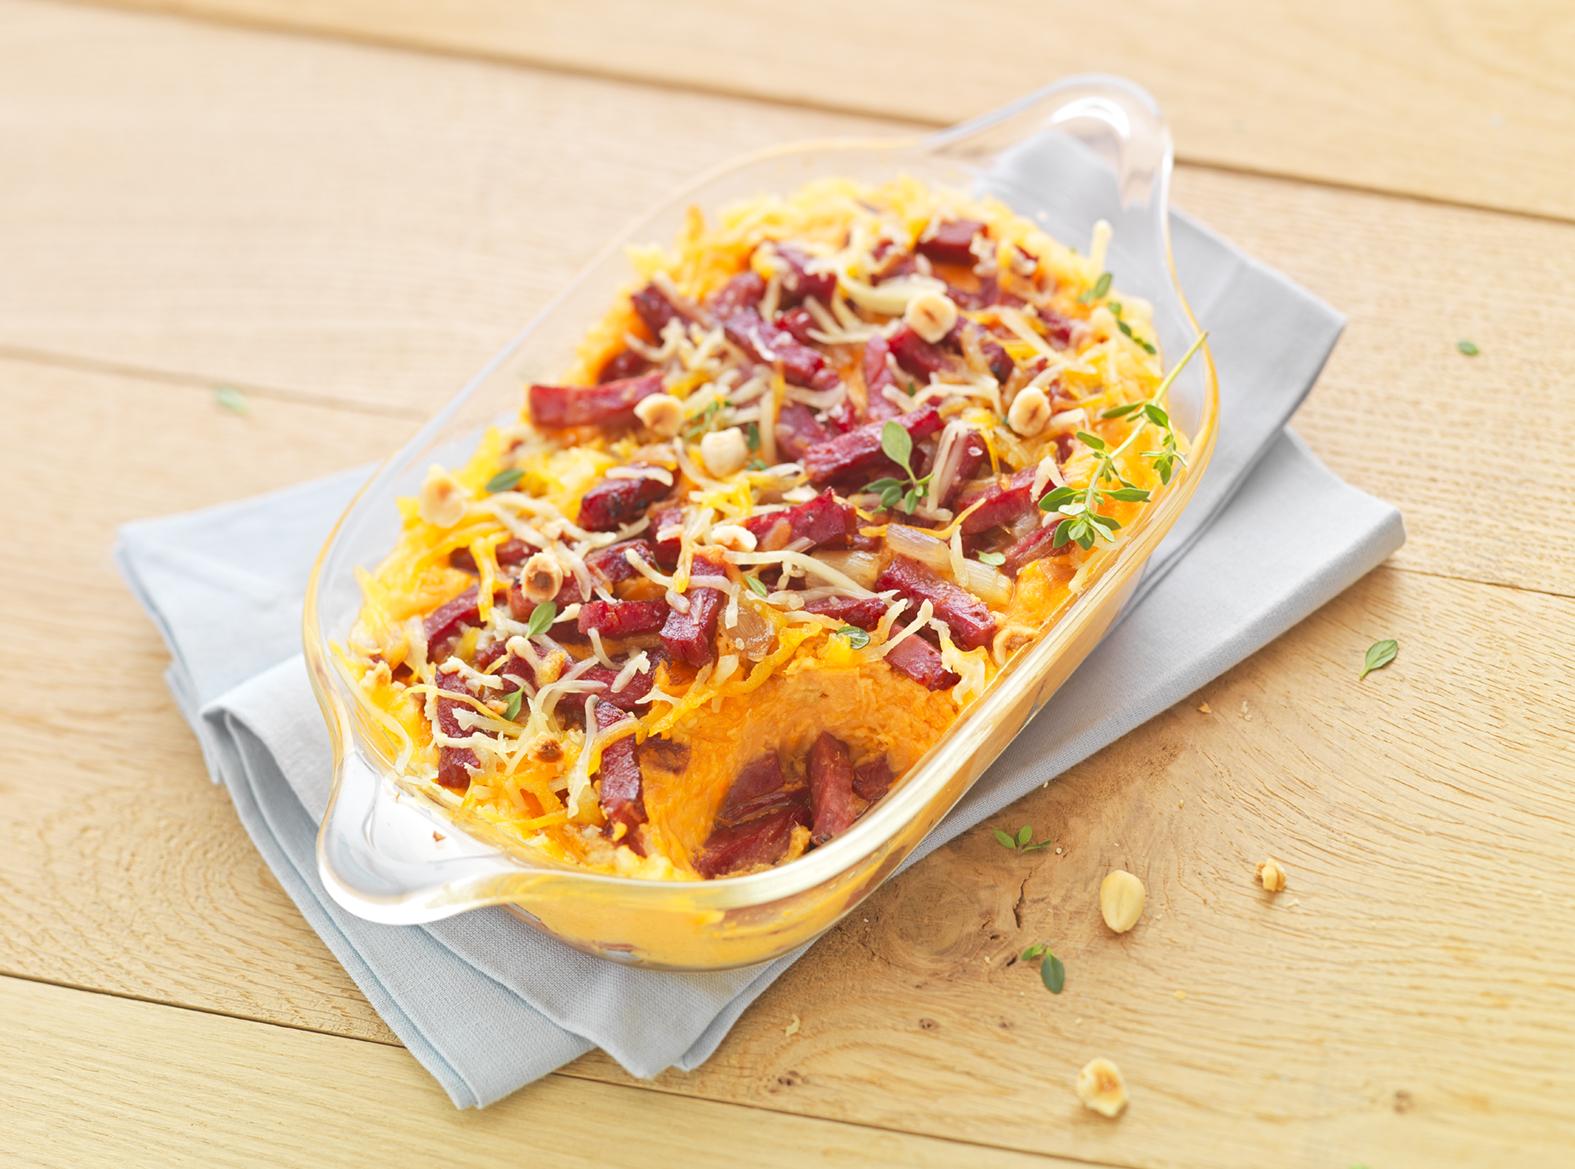 Purée de patates douces gratinée au cheddar, allumettes de canard et échalotes confites